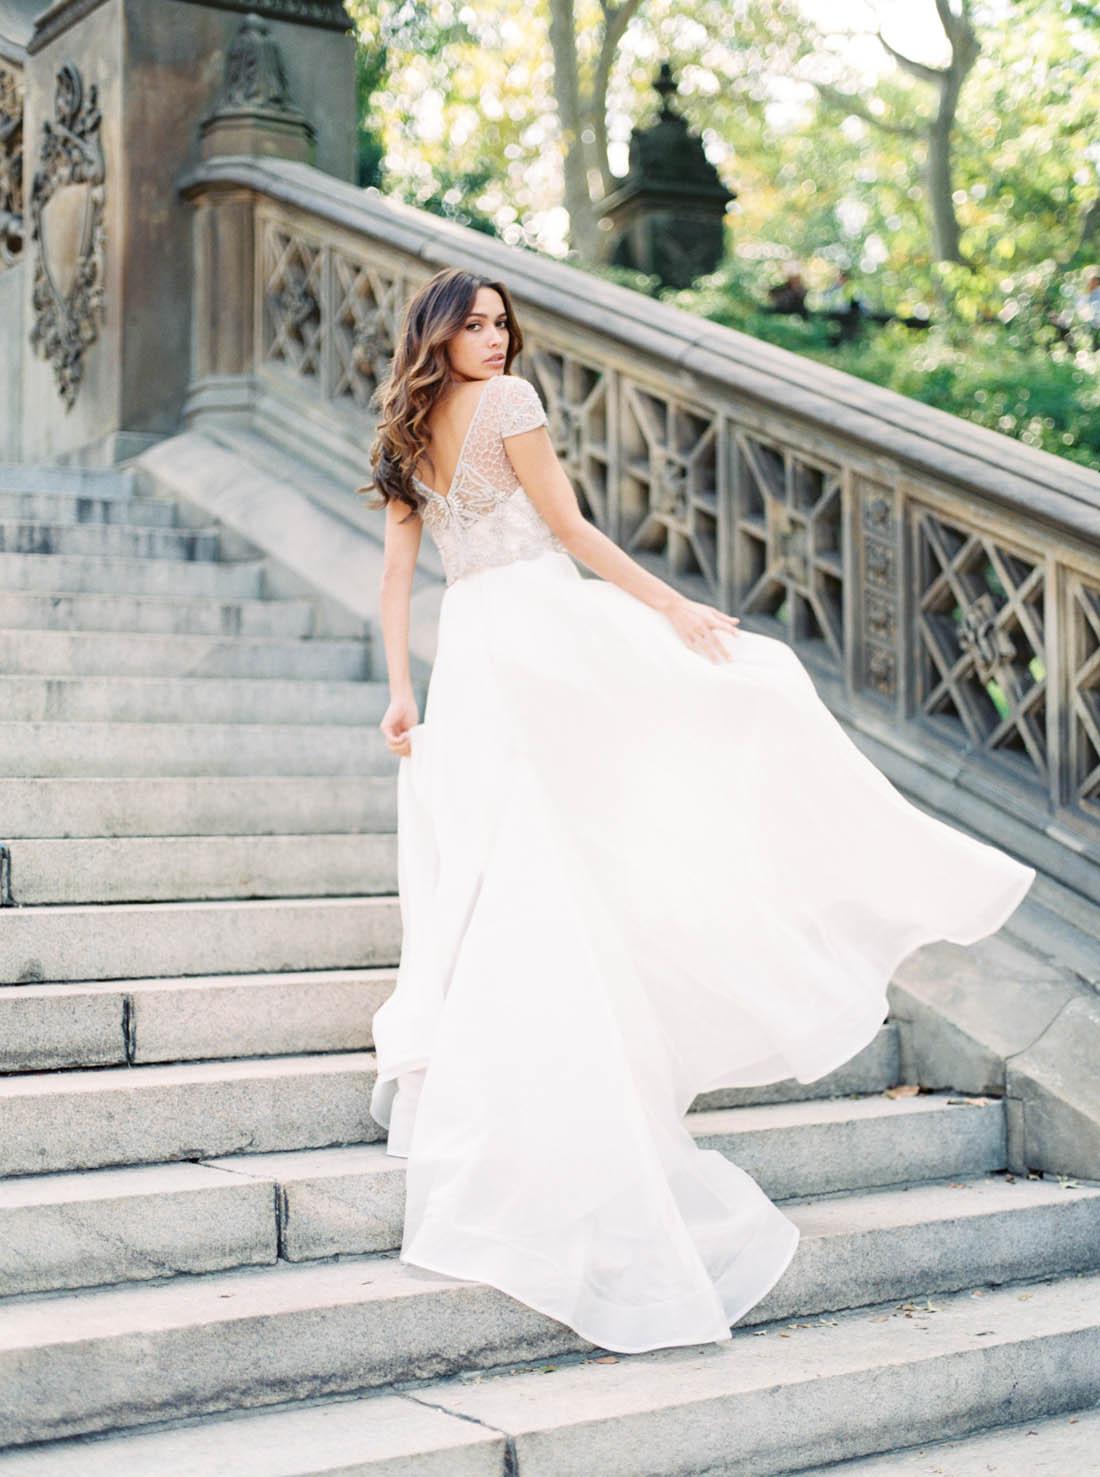 Anna Campbell nupcial vestido de Viena | Colección ceremonia